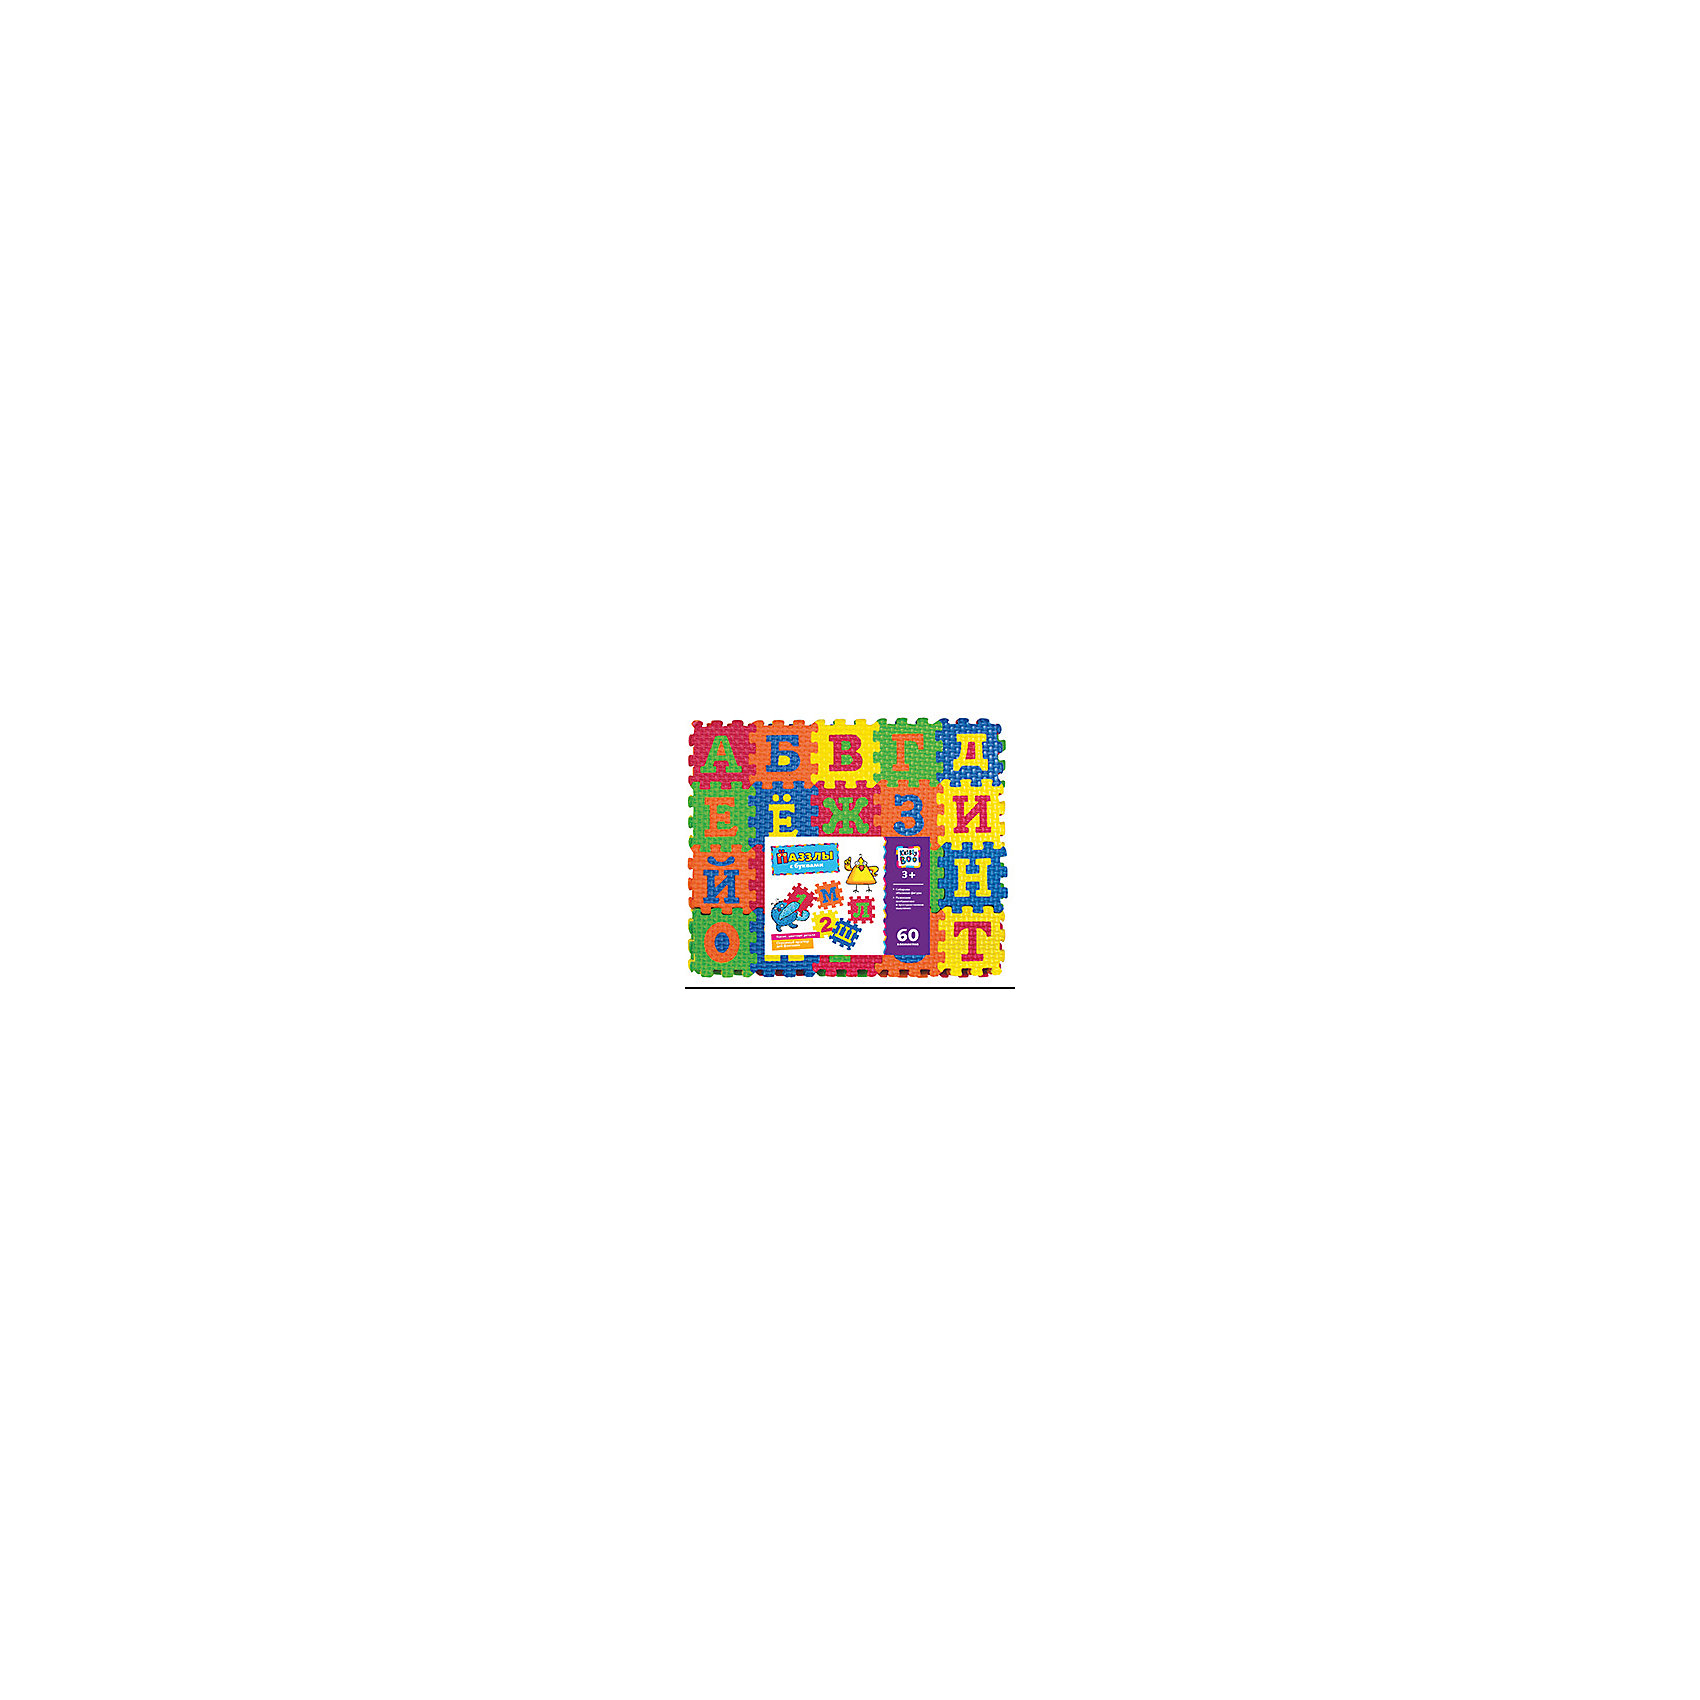 Пазлы с буквами, 60 элементов, KriblyBooКоличество деталей<br>Пазлы с буквами, 60 элементов, KriblyBoo (Крибли Бу).<br><br>Характеристики:<br><br>• поможет выучить буквы<br>• ребенок сможет сам собрать пазлы<br>• яркий дизайн<br>• количество элементов: 60<br>• материал: ЭВА<br>• размер упаковки: 22х6х25 см<br>• вес: 200 грамм<br><br>Пазлы Крибли Бу содержит 60 ярких объемных деталей, с помощью которых ребенок сможет научиться собирать пазлы, фигуры, а также выучит буквы и цвета. Все элементы имеют одинаковый размер, что особенно удобно при создании фигур. Готовый пазл можно использовать как удобный коврик. Игра хорошо развивает пространственное мышление и фантазию. С этими пазлами ваш ребенок быстро выучит буквы и цвета!<br><br>Пазлы с буквами, 60 элементов, KriblyBoo (Крибли Бу) вы можете купить в нашем интернет-магазине.<br><br>Ширина мм: 250<br>Глубина мм: 60<br>Высота мм: 220<br>Вес г: 200<br>Возраст от месяцев: 36<br>Возраст до месяцев: 120<br>Пол: Унисекс<br>Возраст: Детский<br>SKU: 5017687